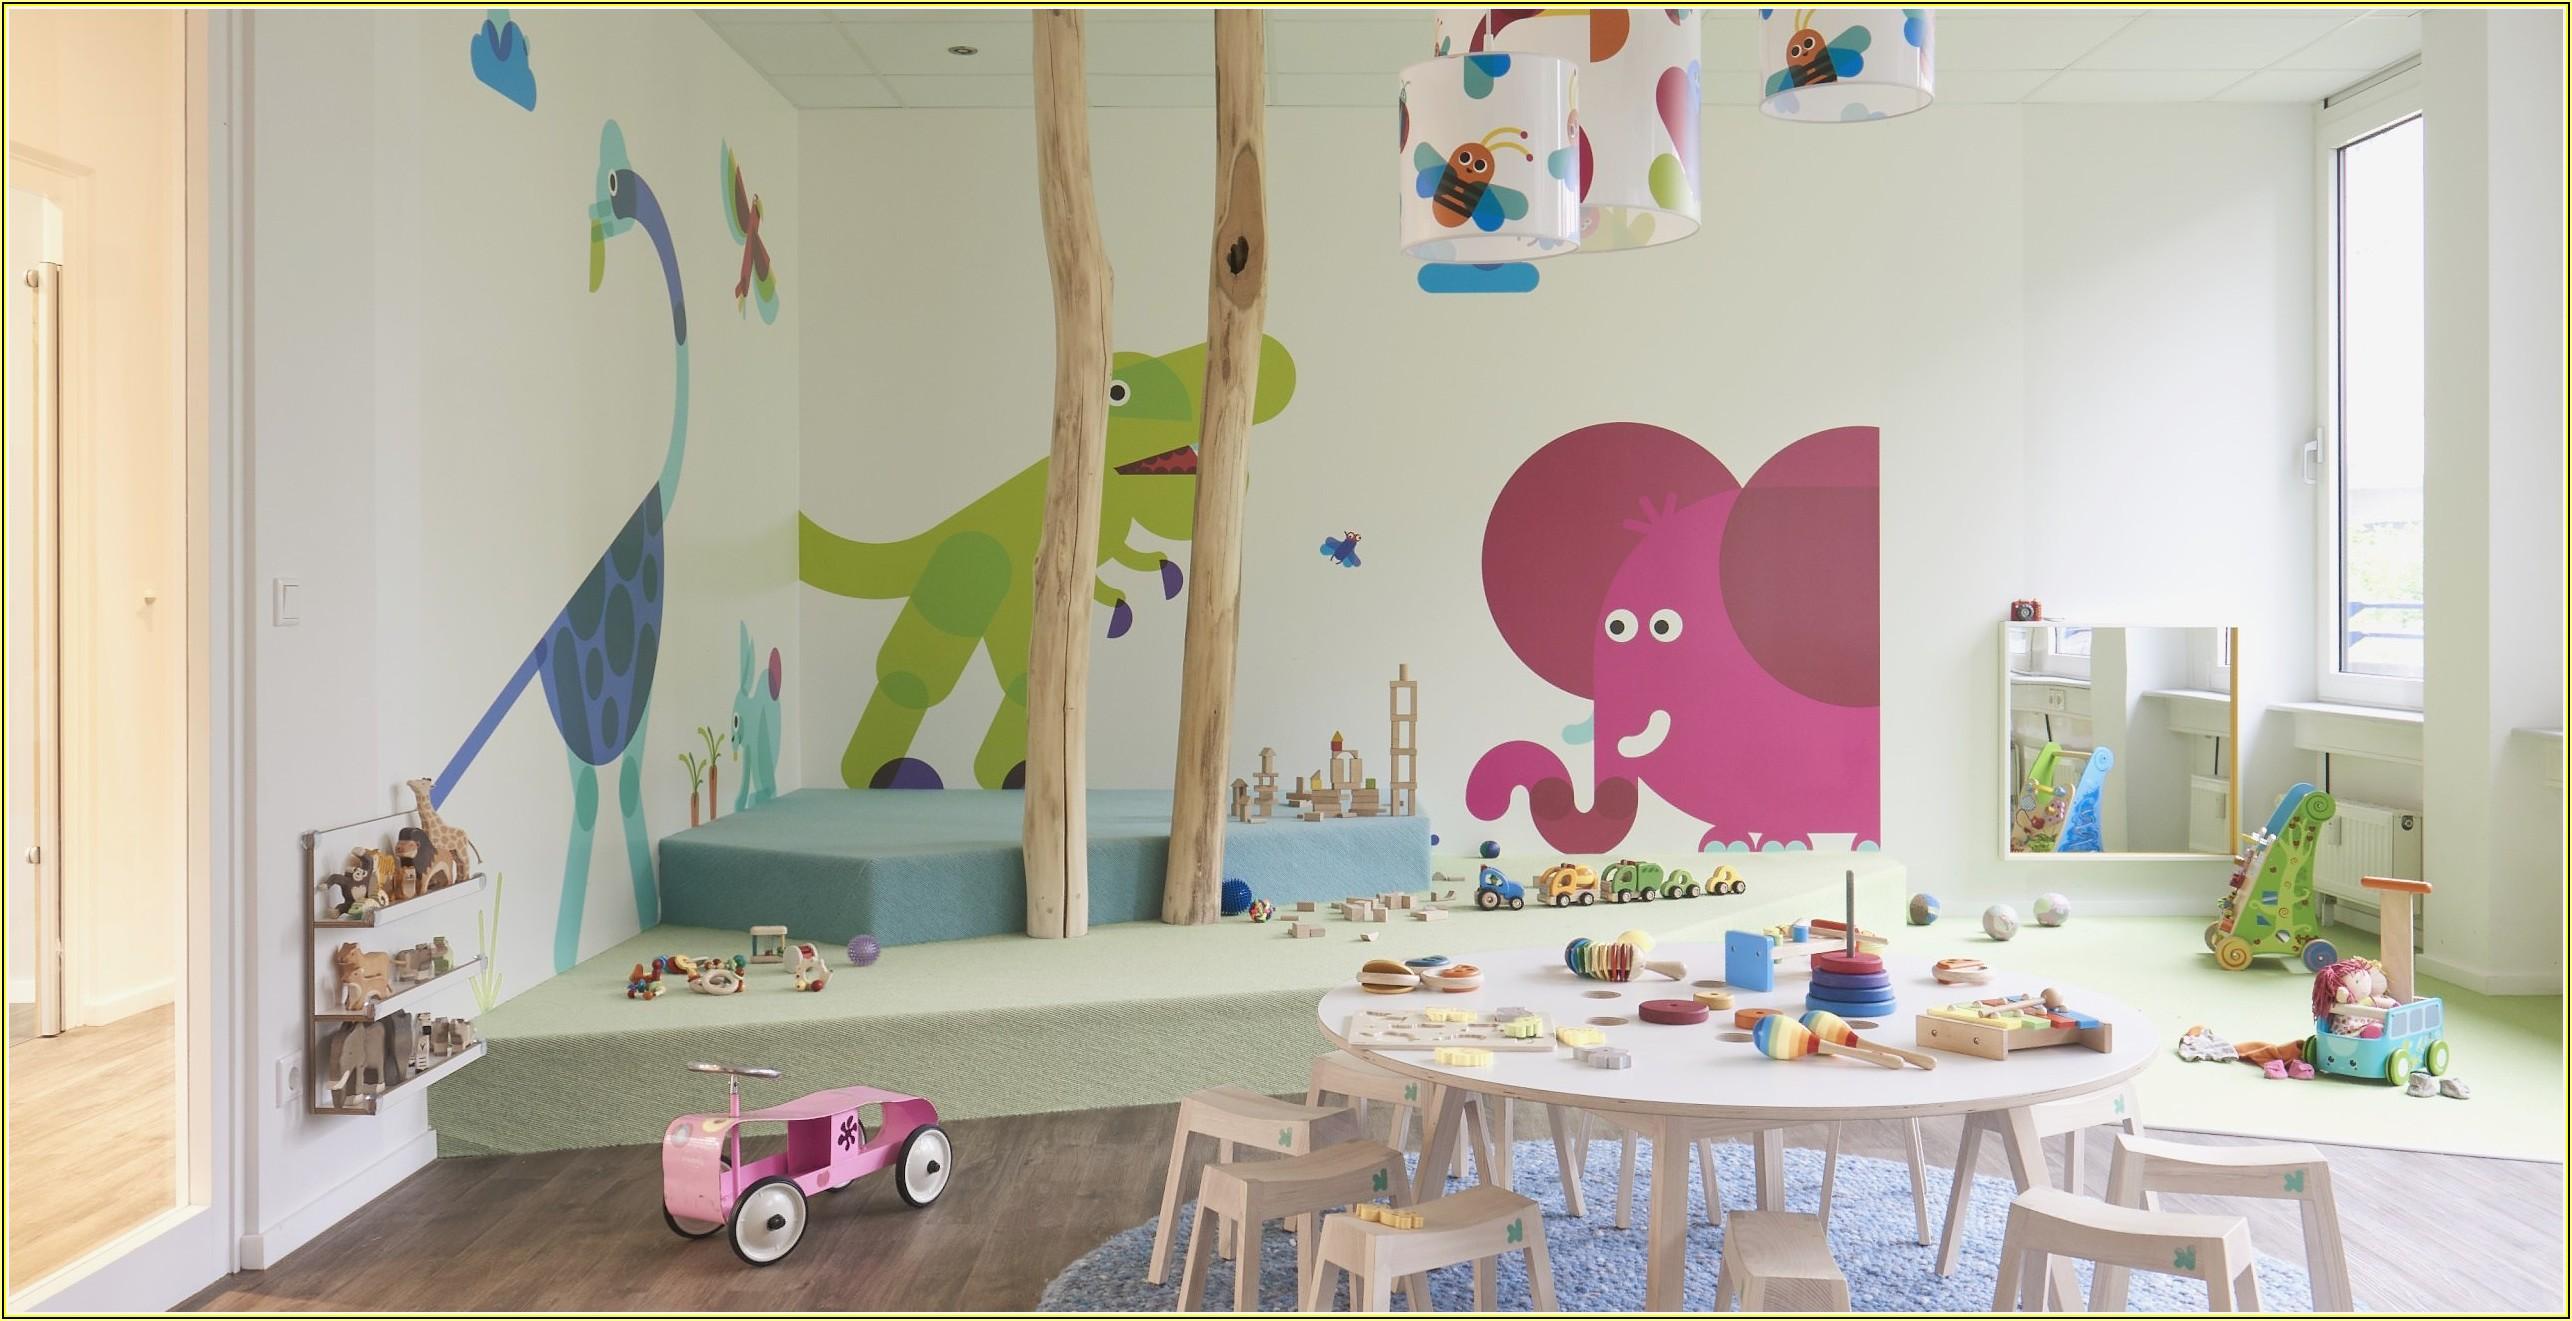 Kmk Kinderzimmer Gmbh & Co. Kg (verwaltung)